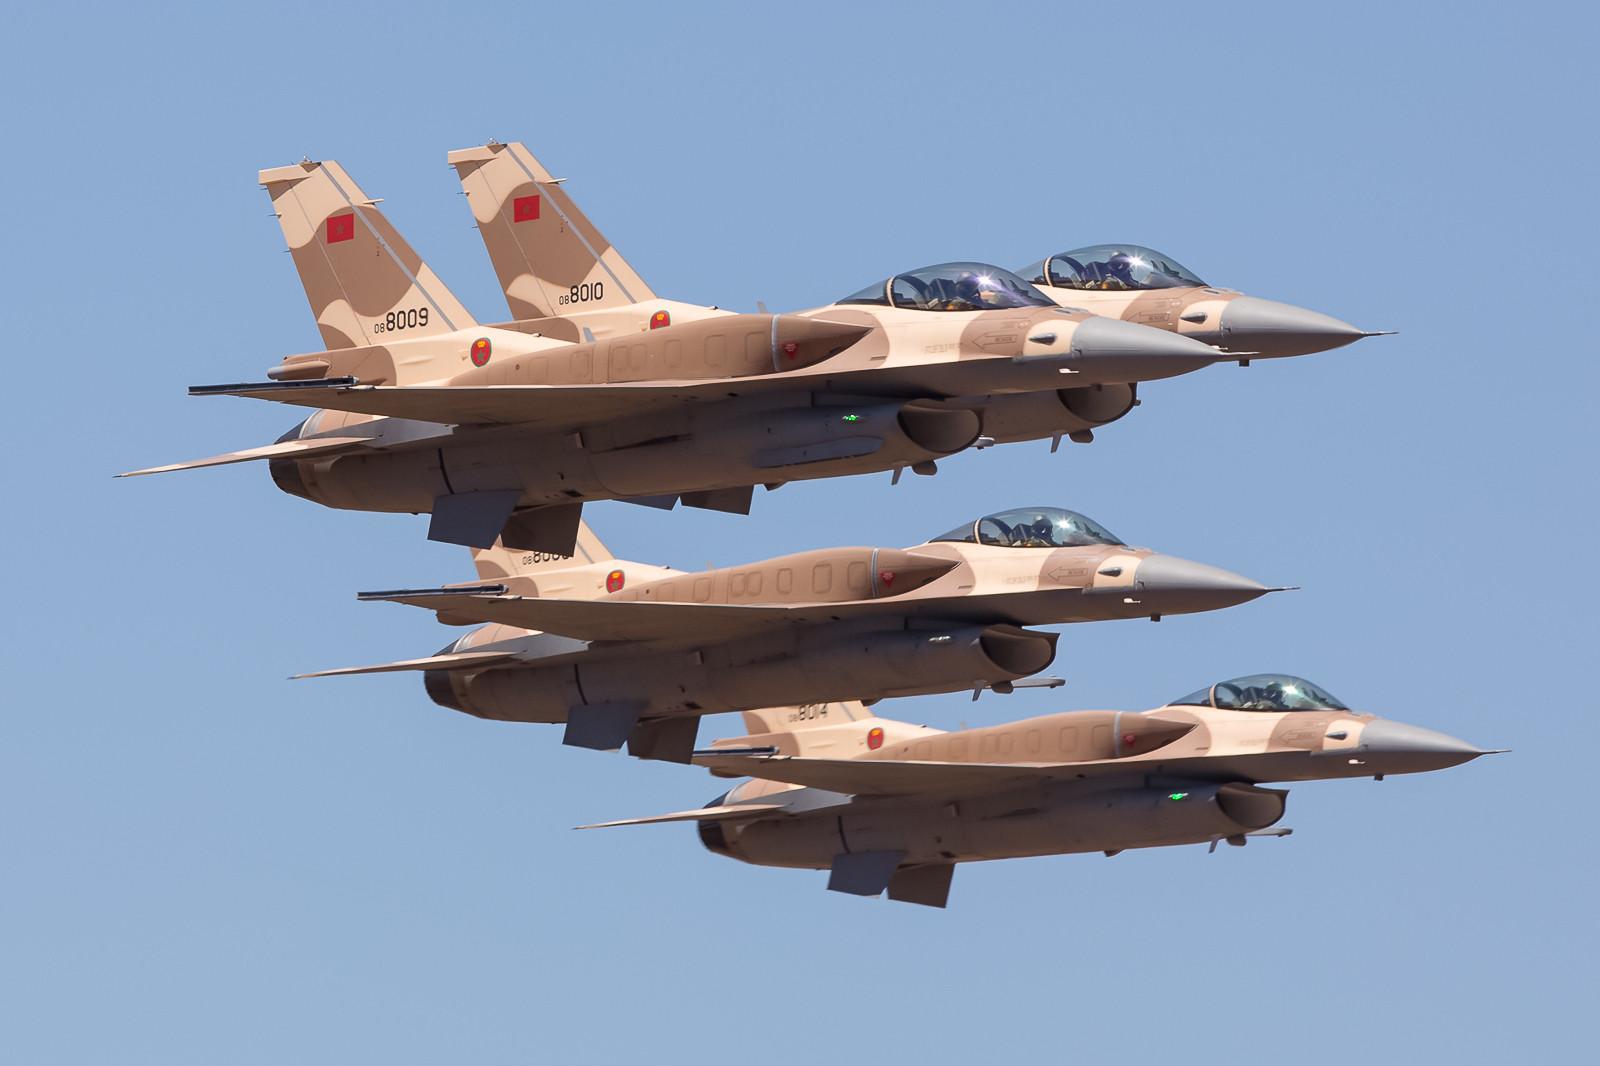 Neu sind die F-16 in Marokko, hier 4 Maschinen aus Ben Guerir.